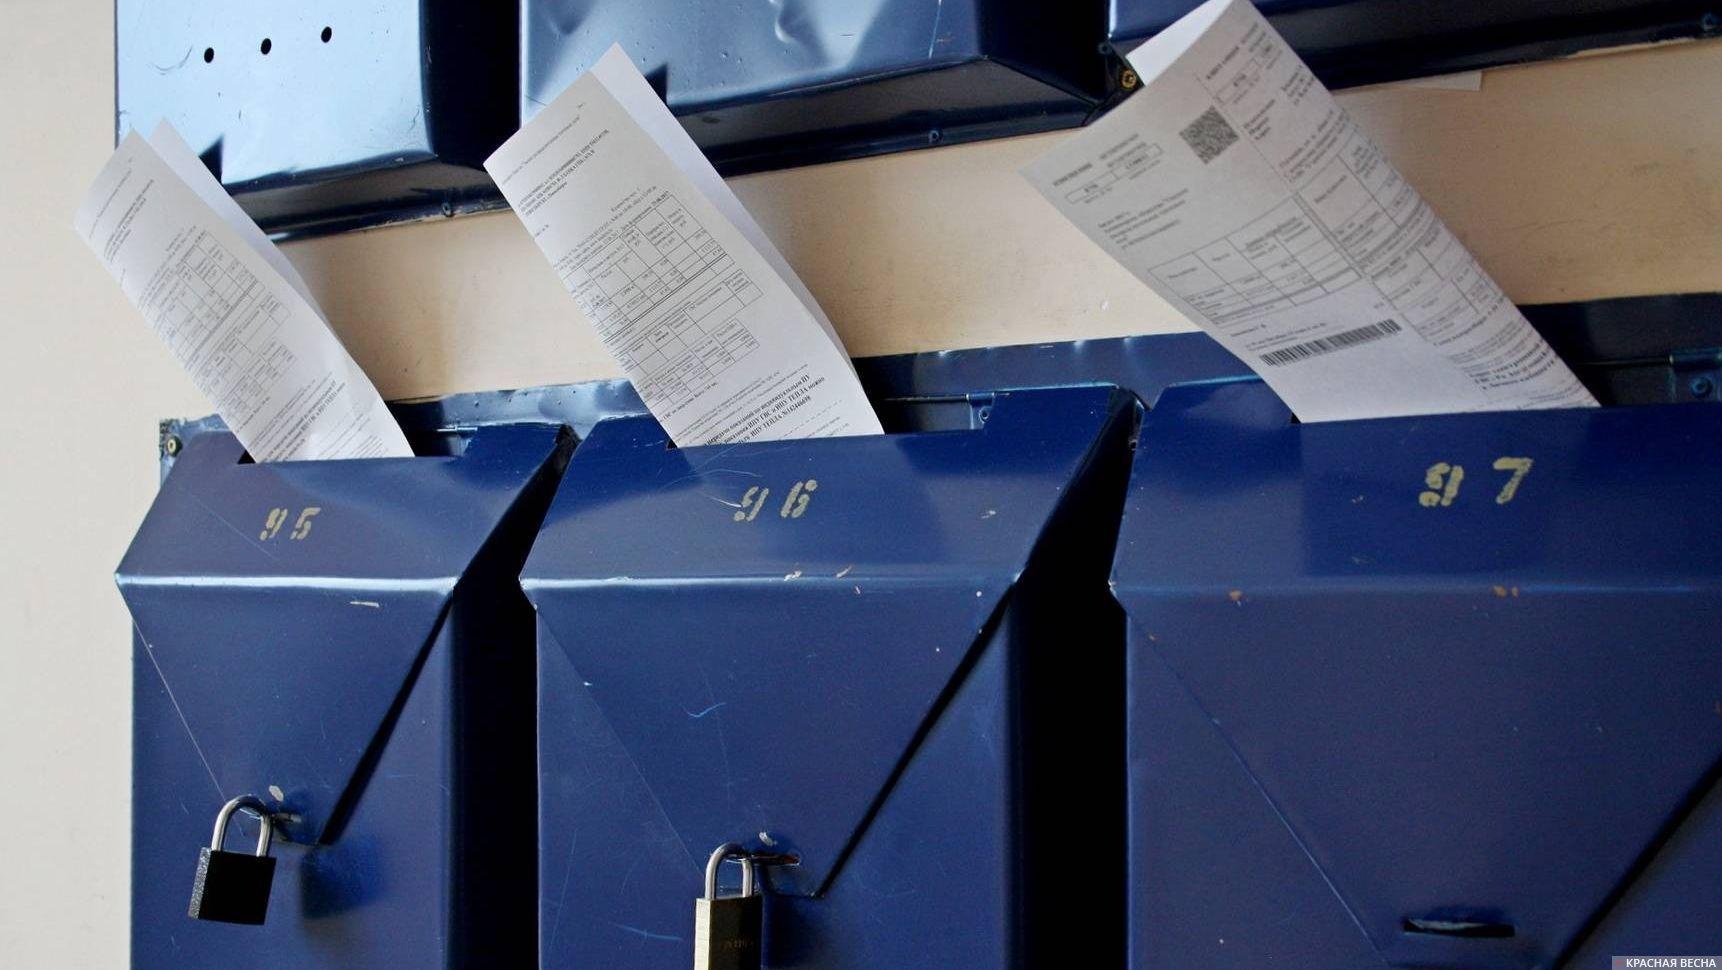 Квитанции в почтовых ящиках